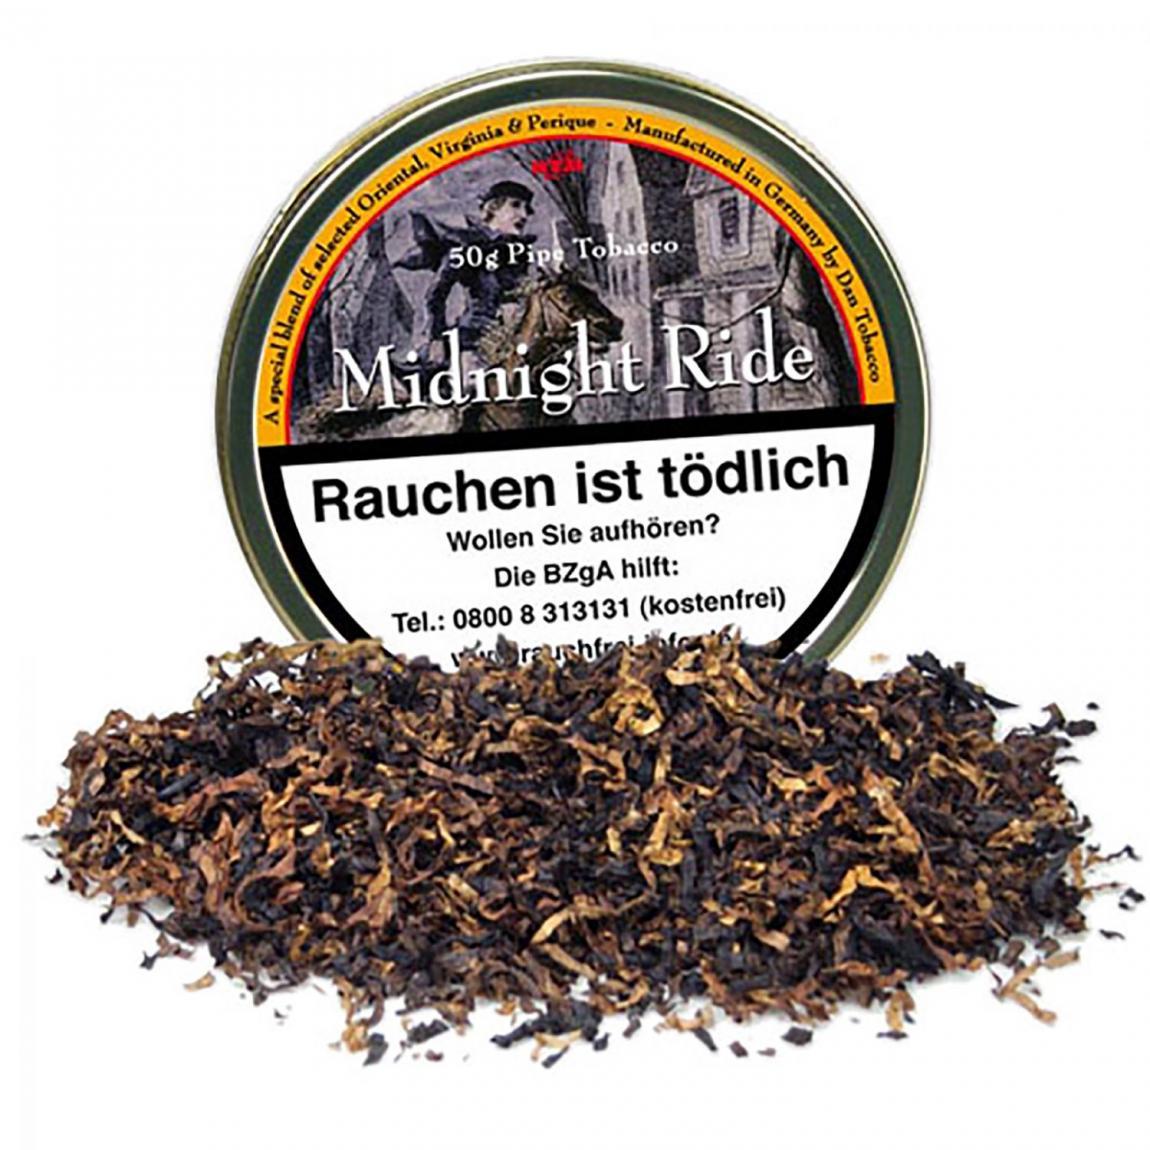 Midnight Ride - tabakechter Genuss mit einer Prise Perique